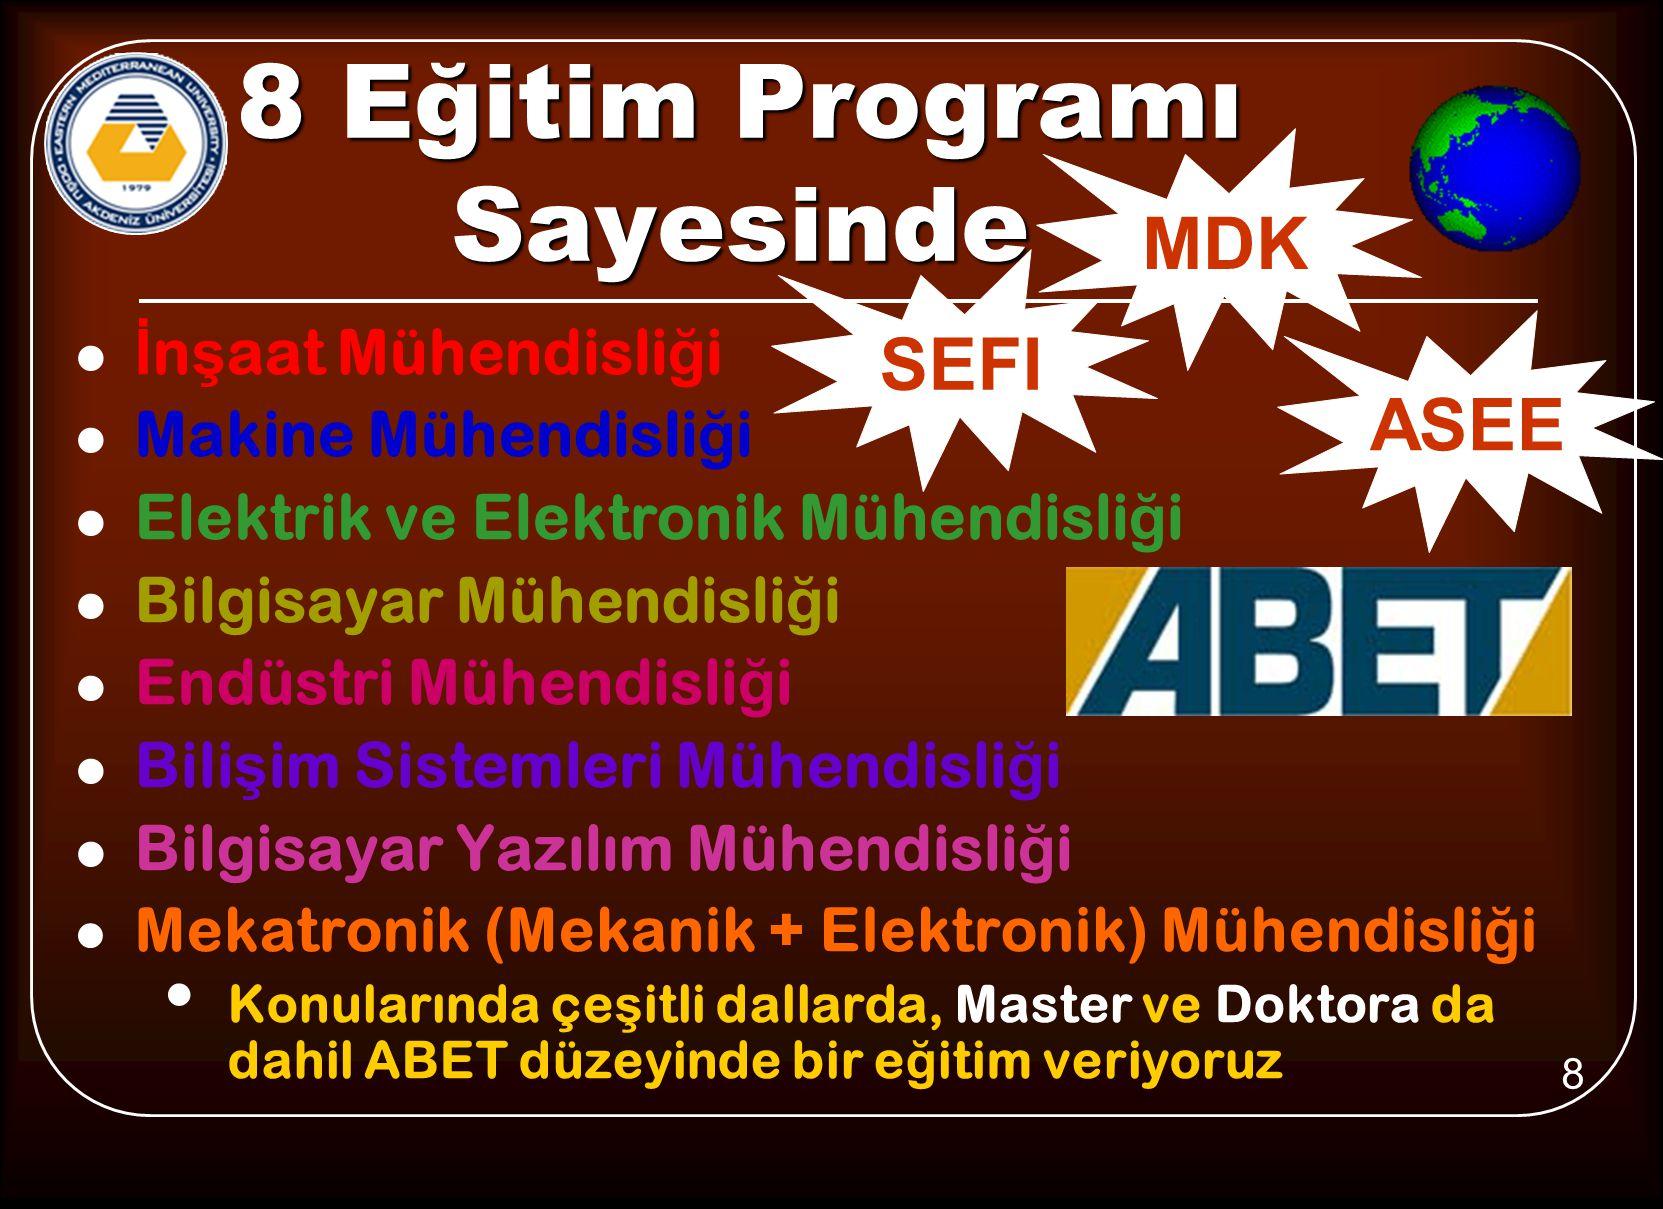 10 Güncel Çift-Anadal Program 9 1 Yıllık Ek Ders Alarak İ kinci Bir Diploma Alma Ş ansıNo Birinci Anadal İkinci Anadal 1.Makine Mühendisliği- Mekatronik Mühendisliği 2.Mekatronik Mühendisliği- Makine Mühendisliği 3.Mekatronik Mühendisliği- Elektrik ve Elektronik Müh.